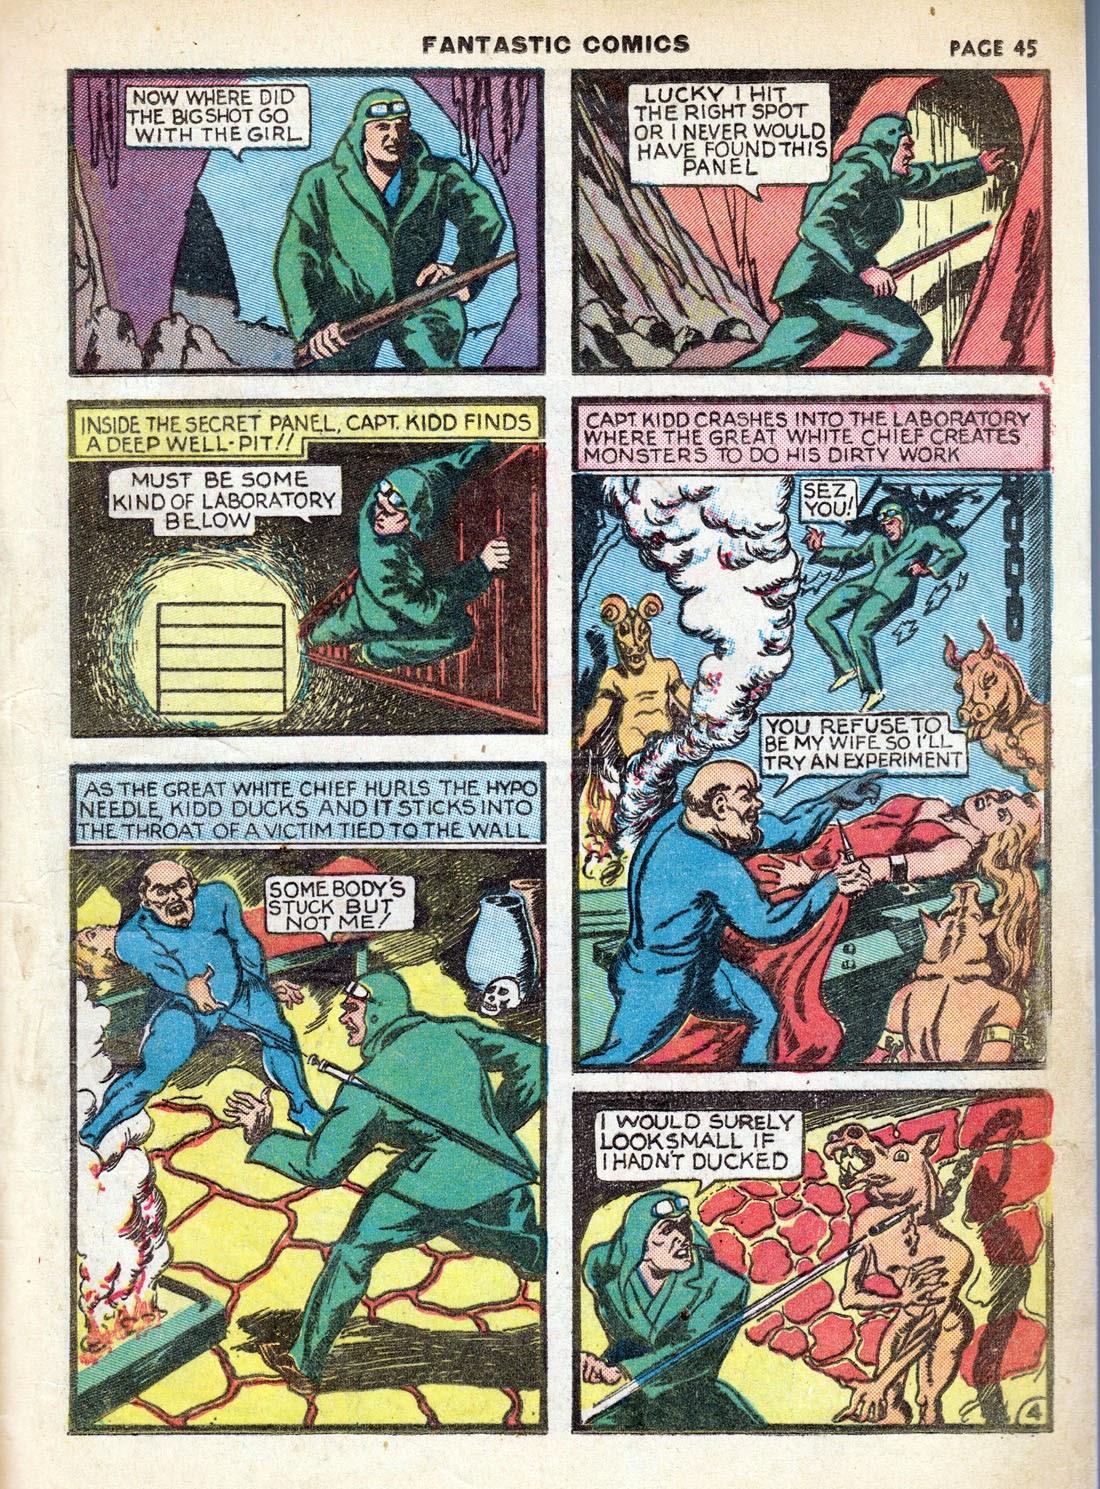 Read online Fantastic Comics comic -  Issue #7 - 47